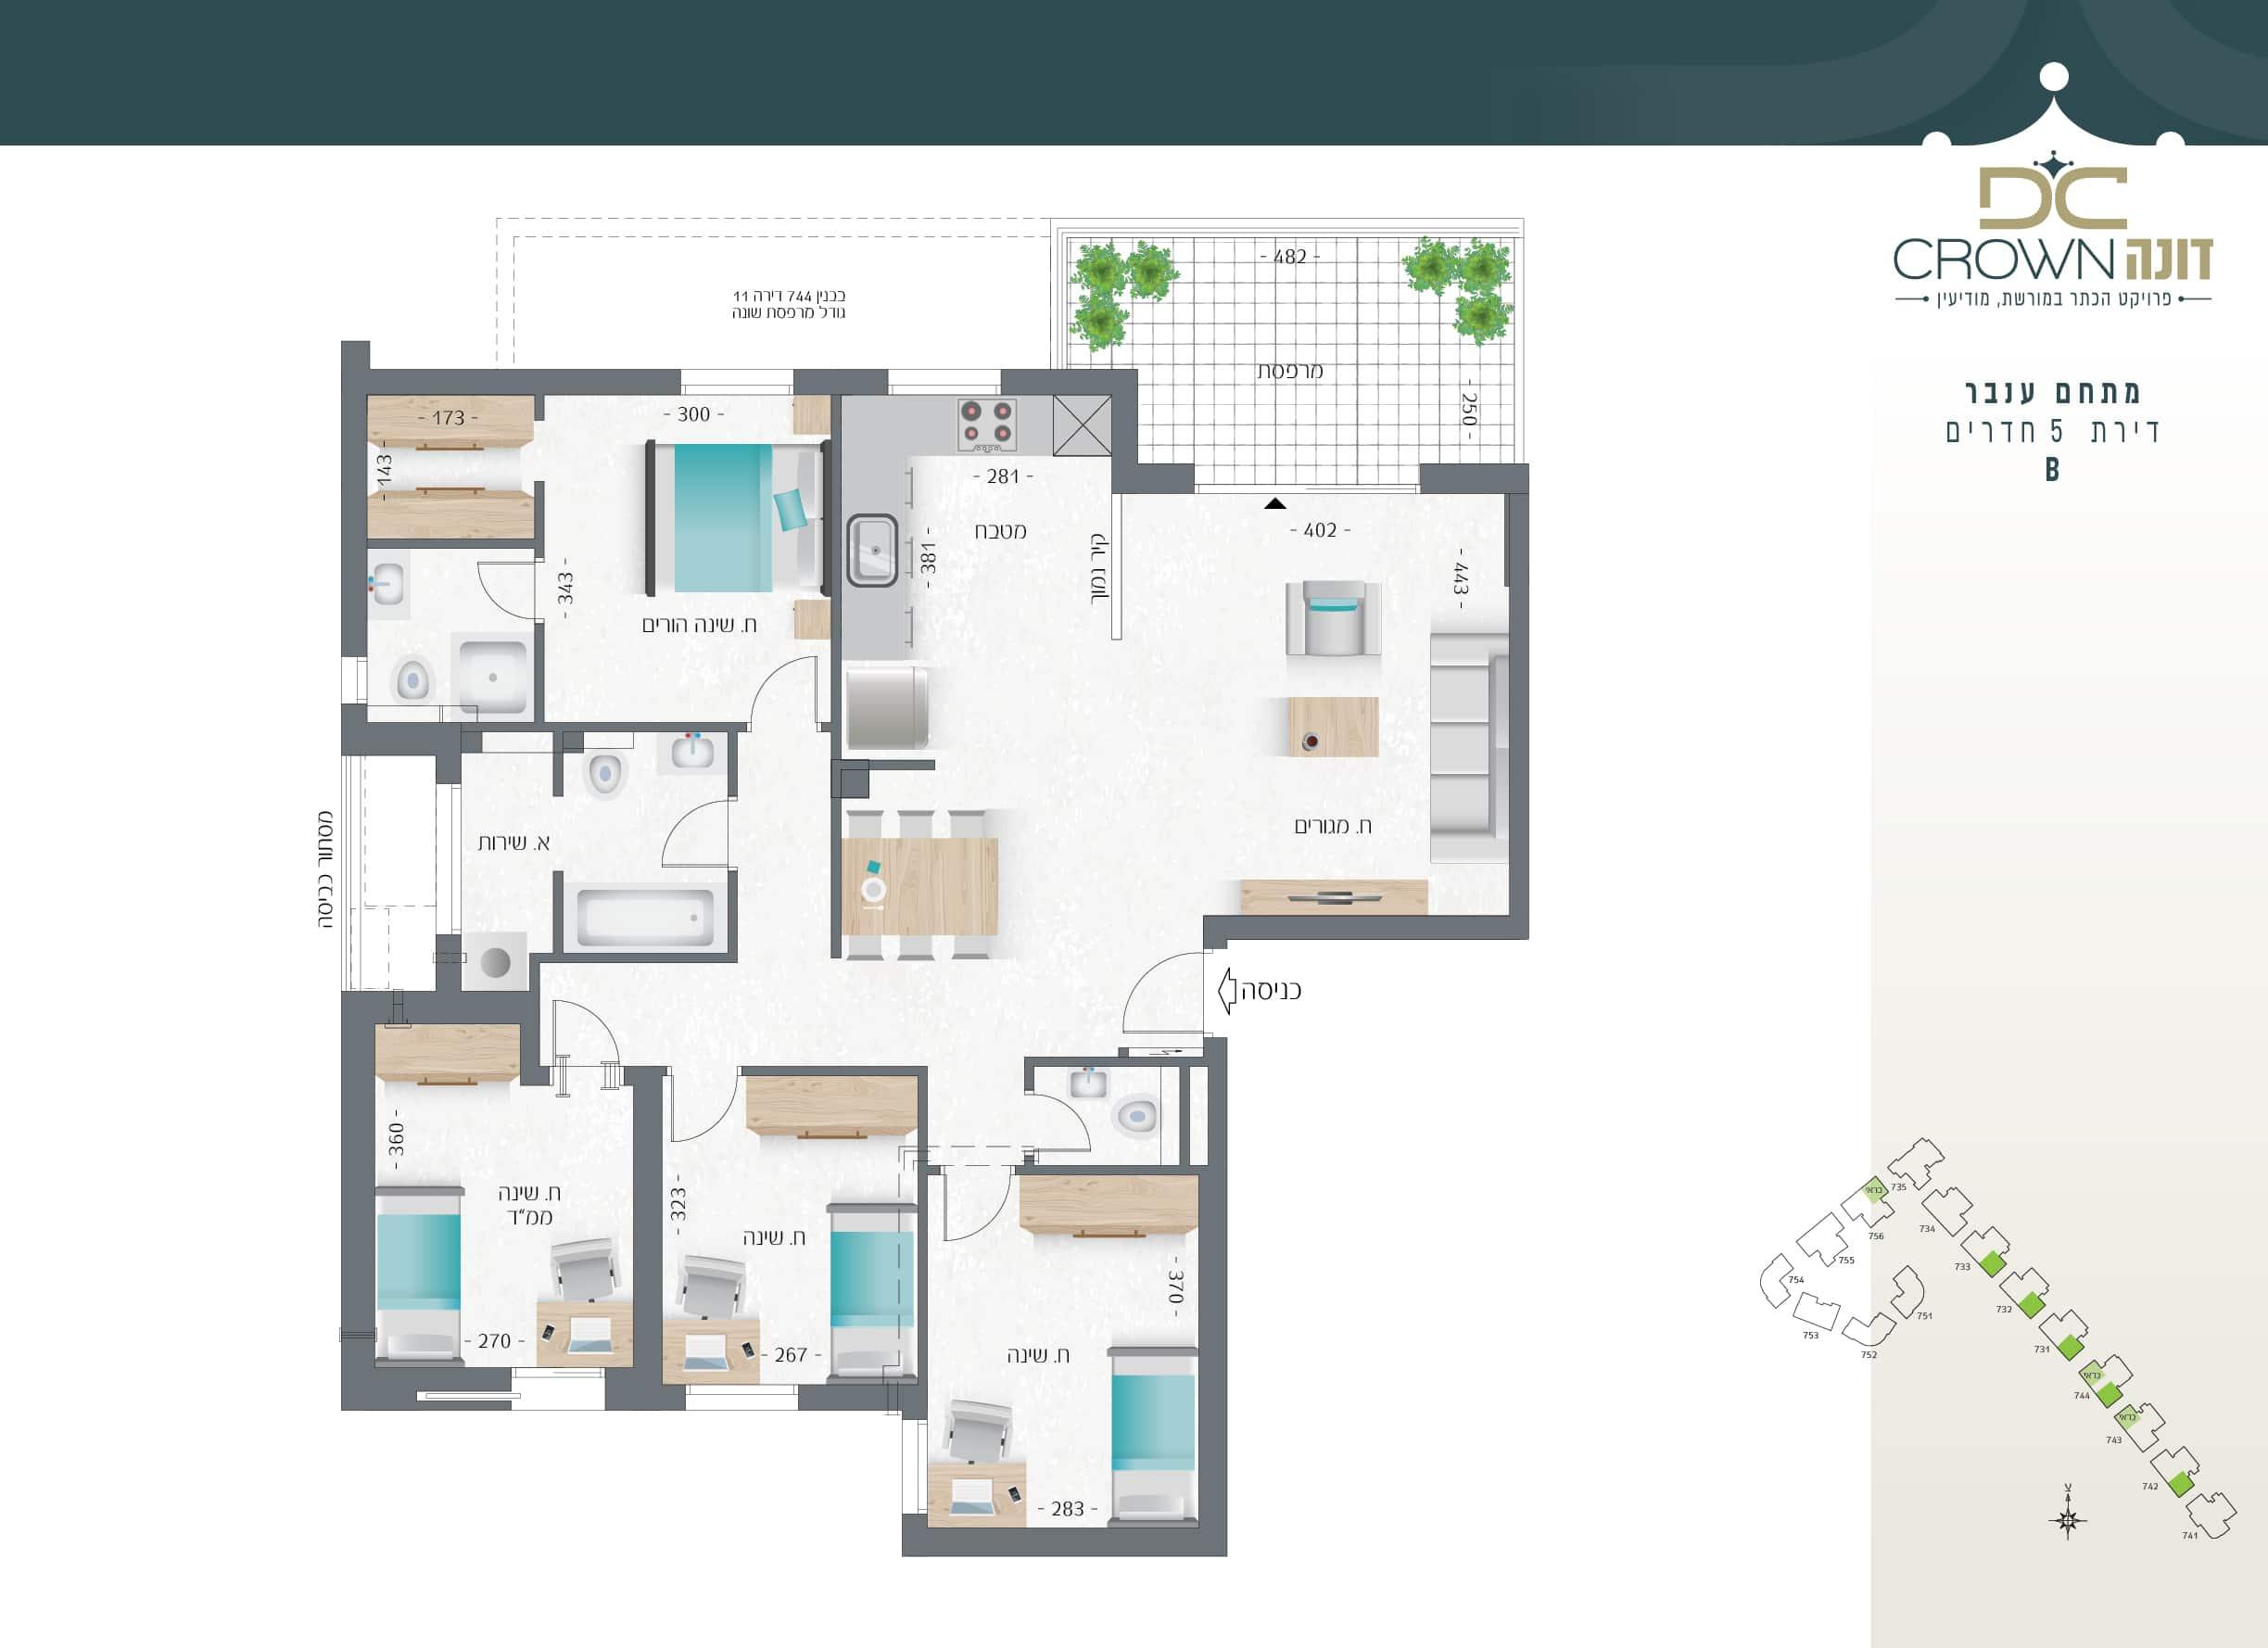 B תכנית של דירת חמישה חדרים בעיר מודיעין